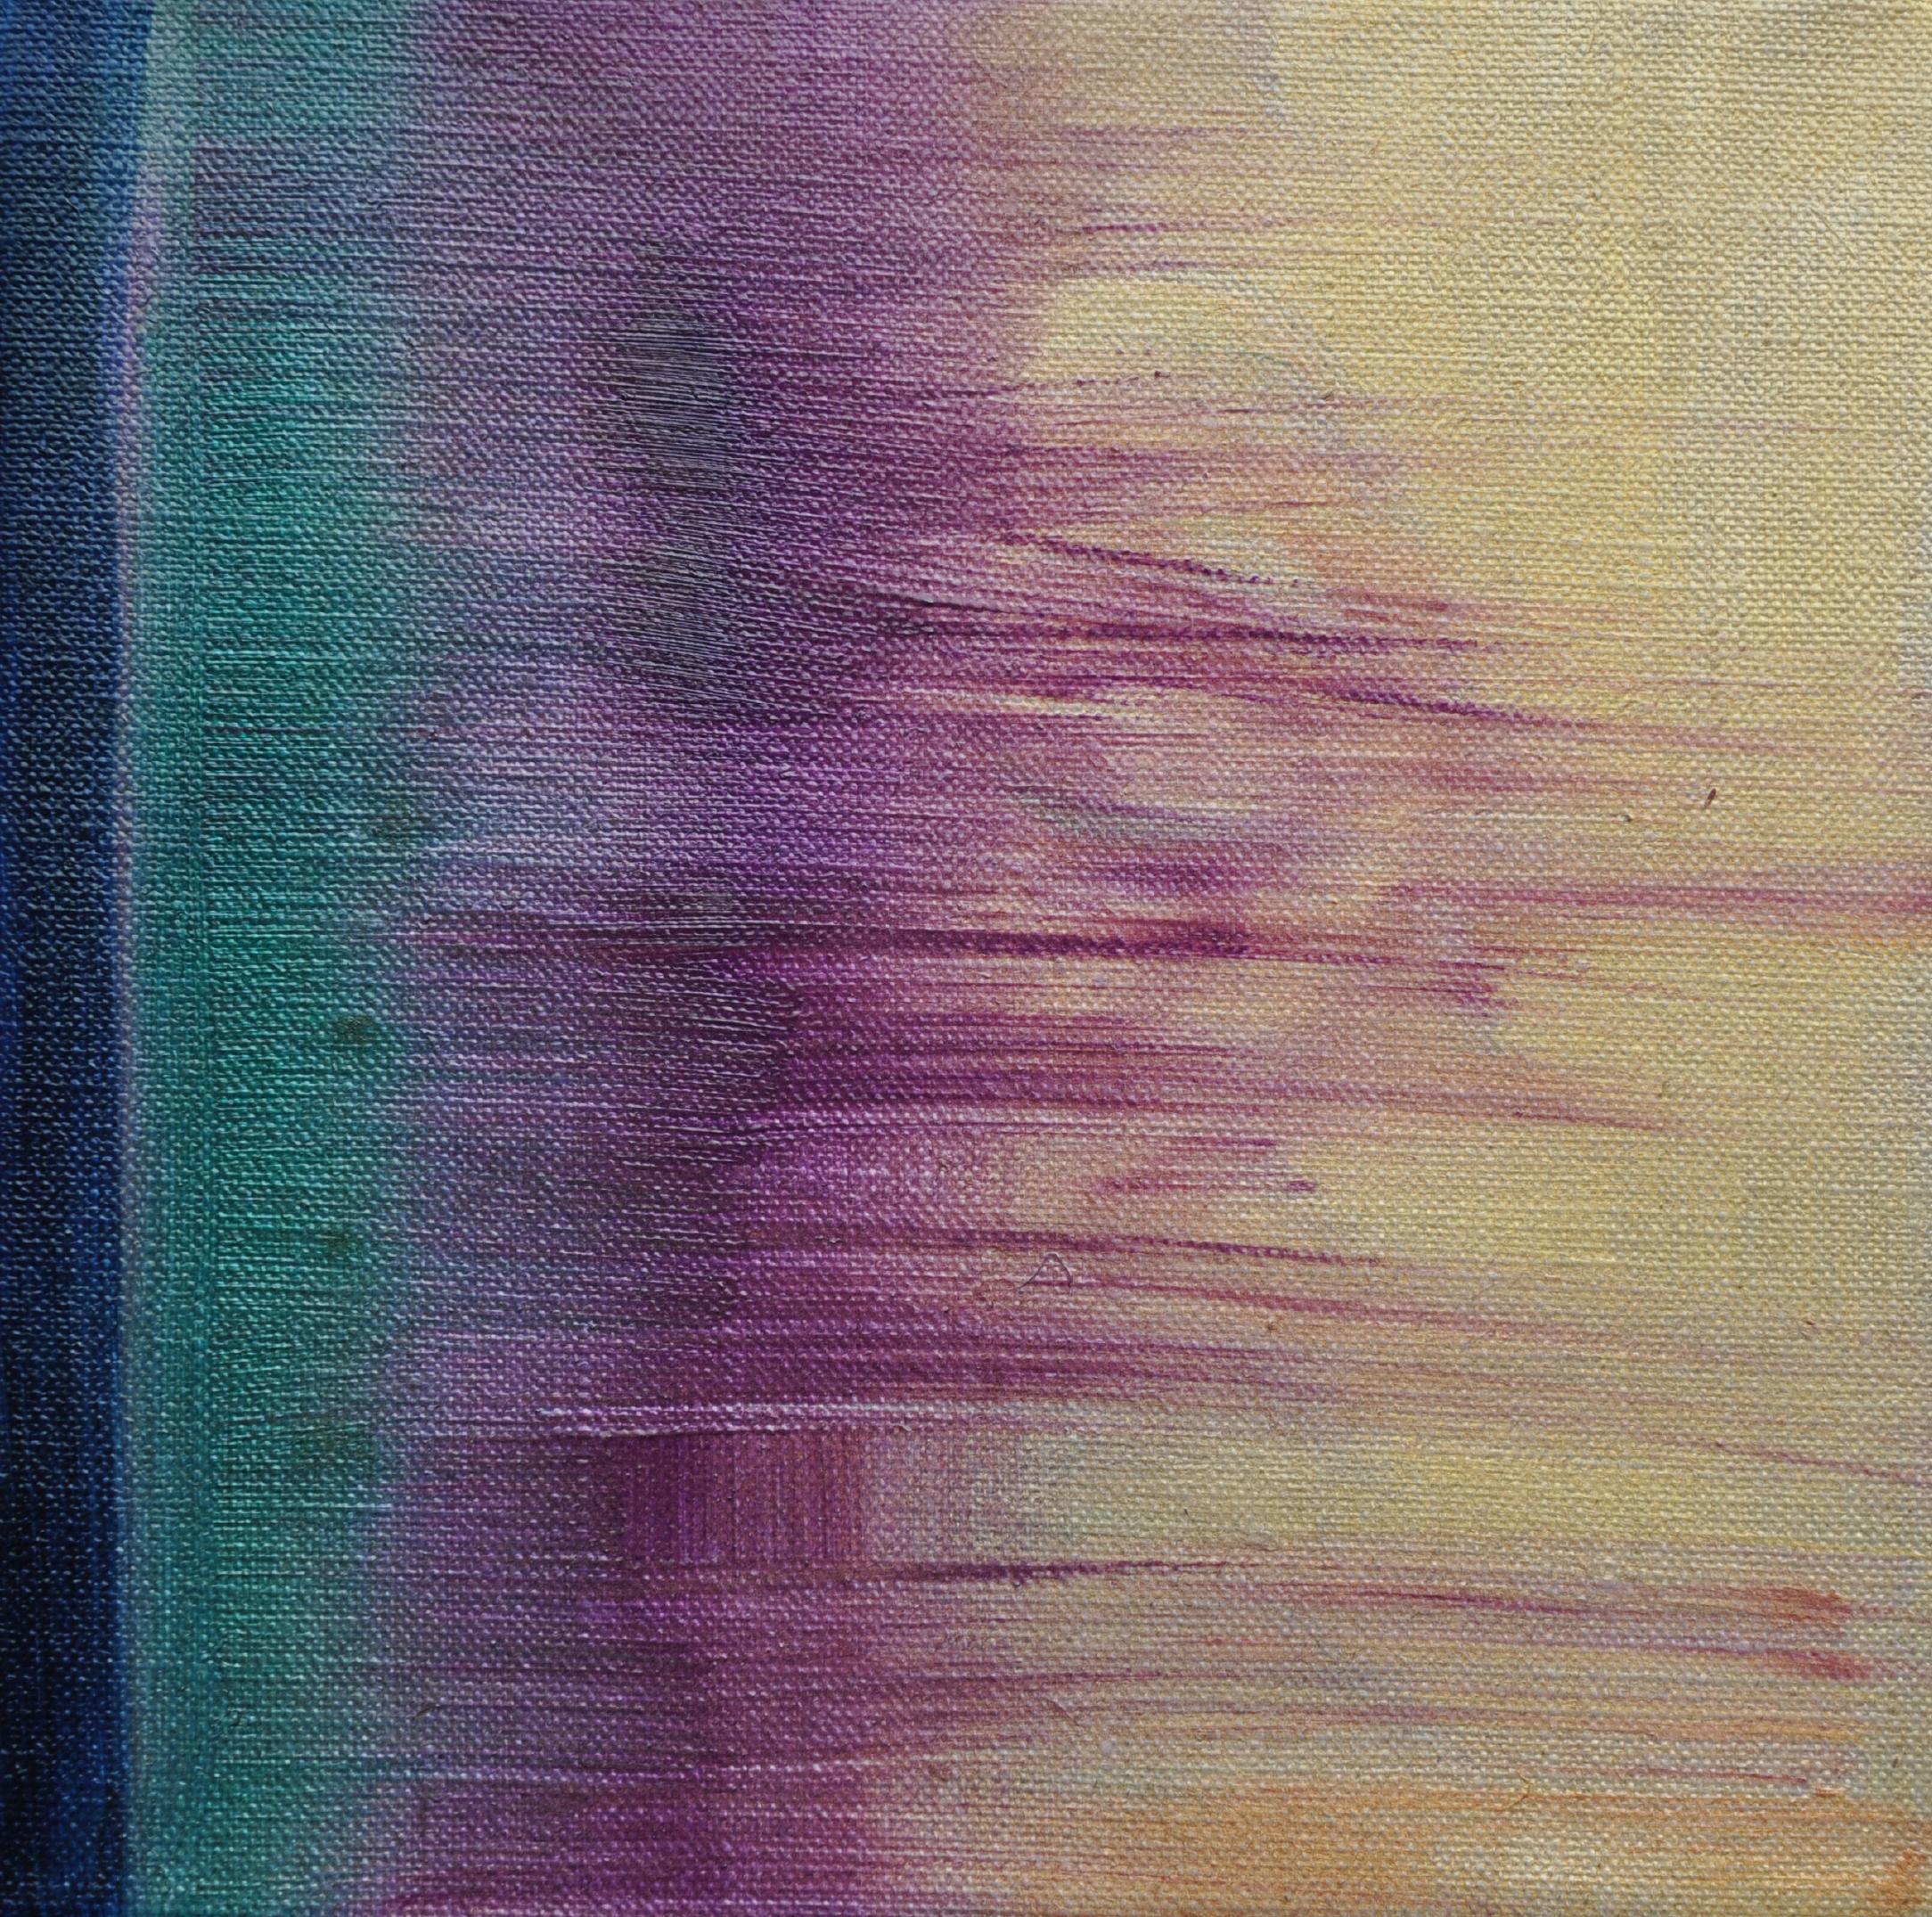 oil paintings 4 of 12.jpg